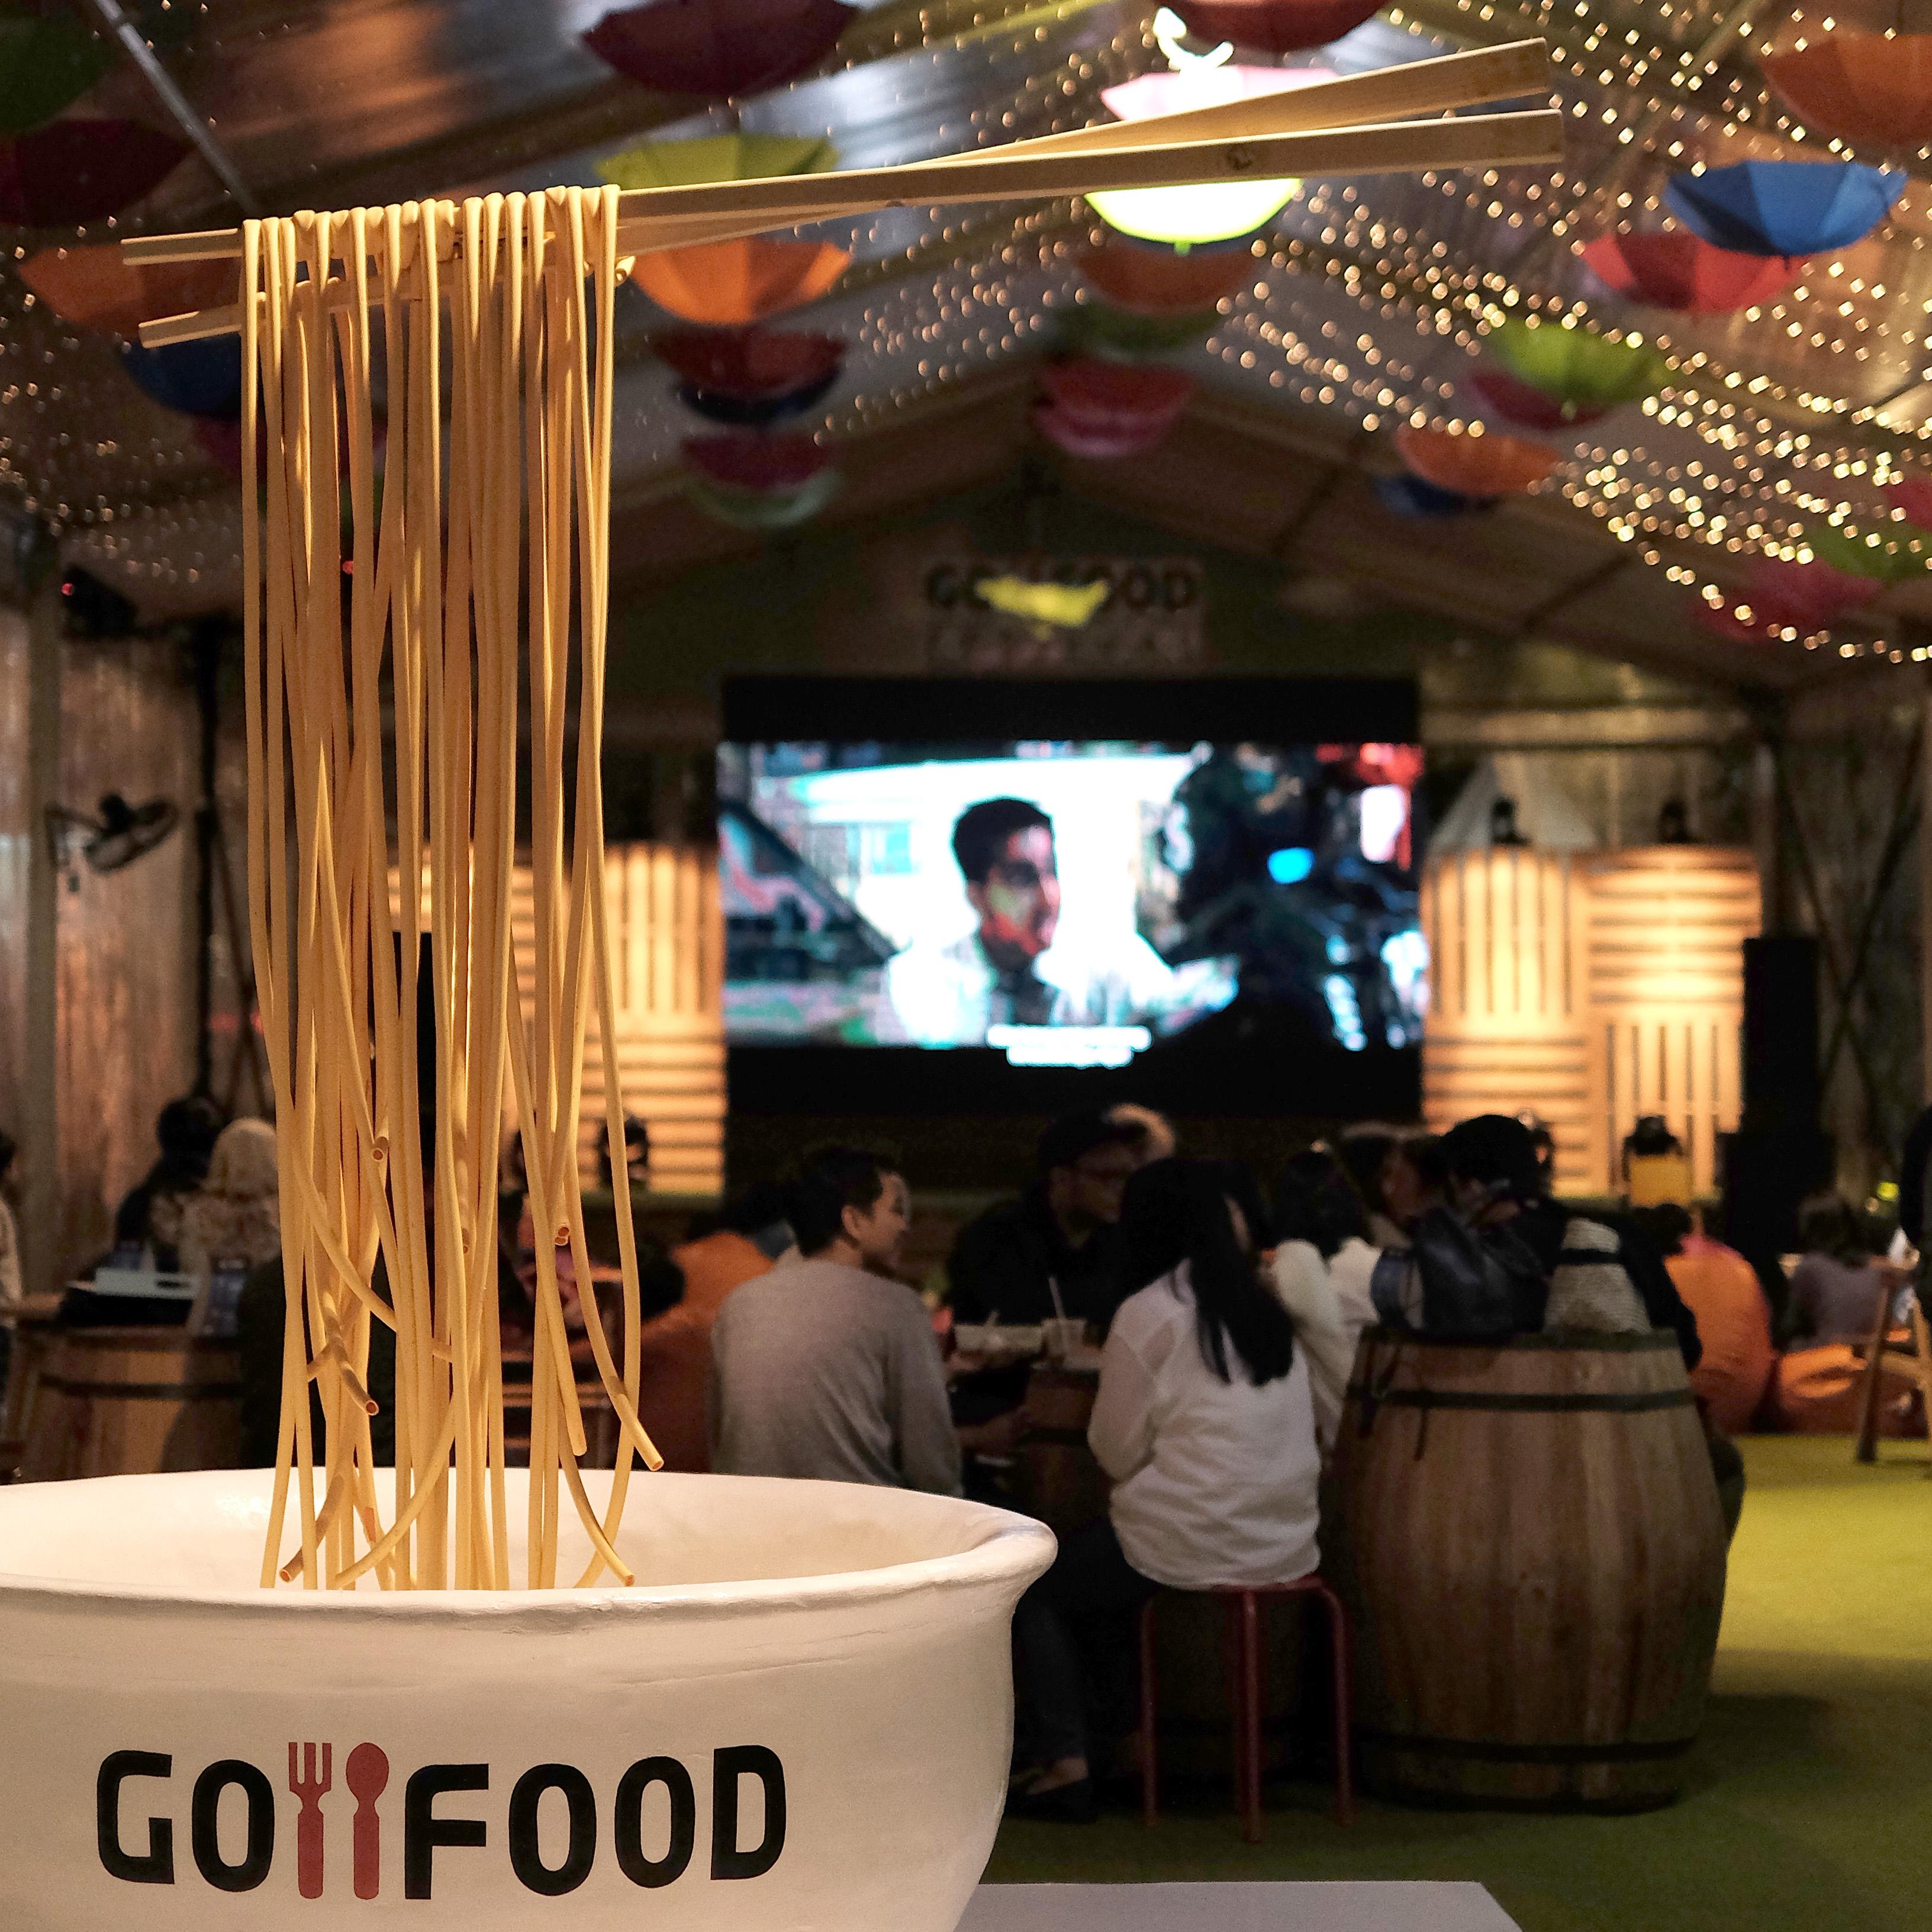 Jajan Seru Dengan 30 Makanan di GO-FOOD Festival Sebulan Penuh